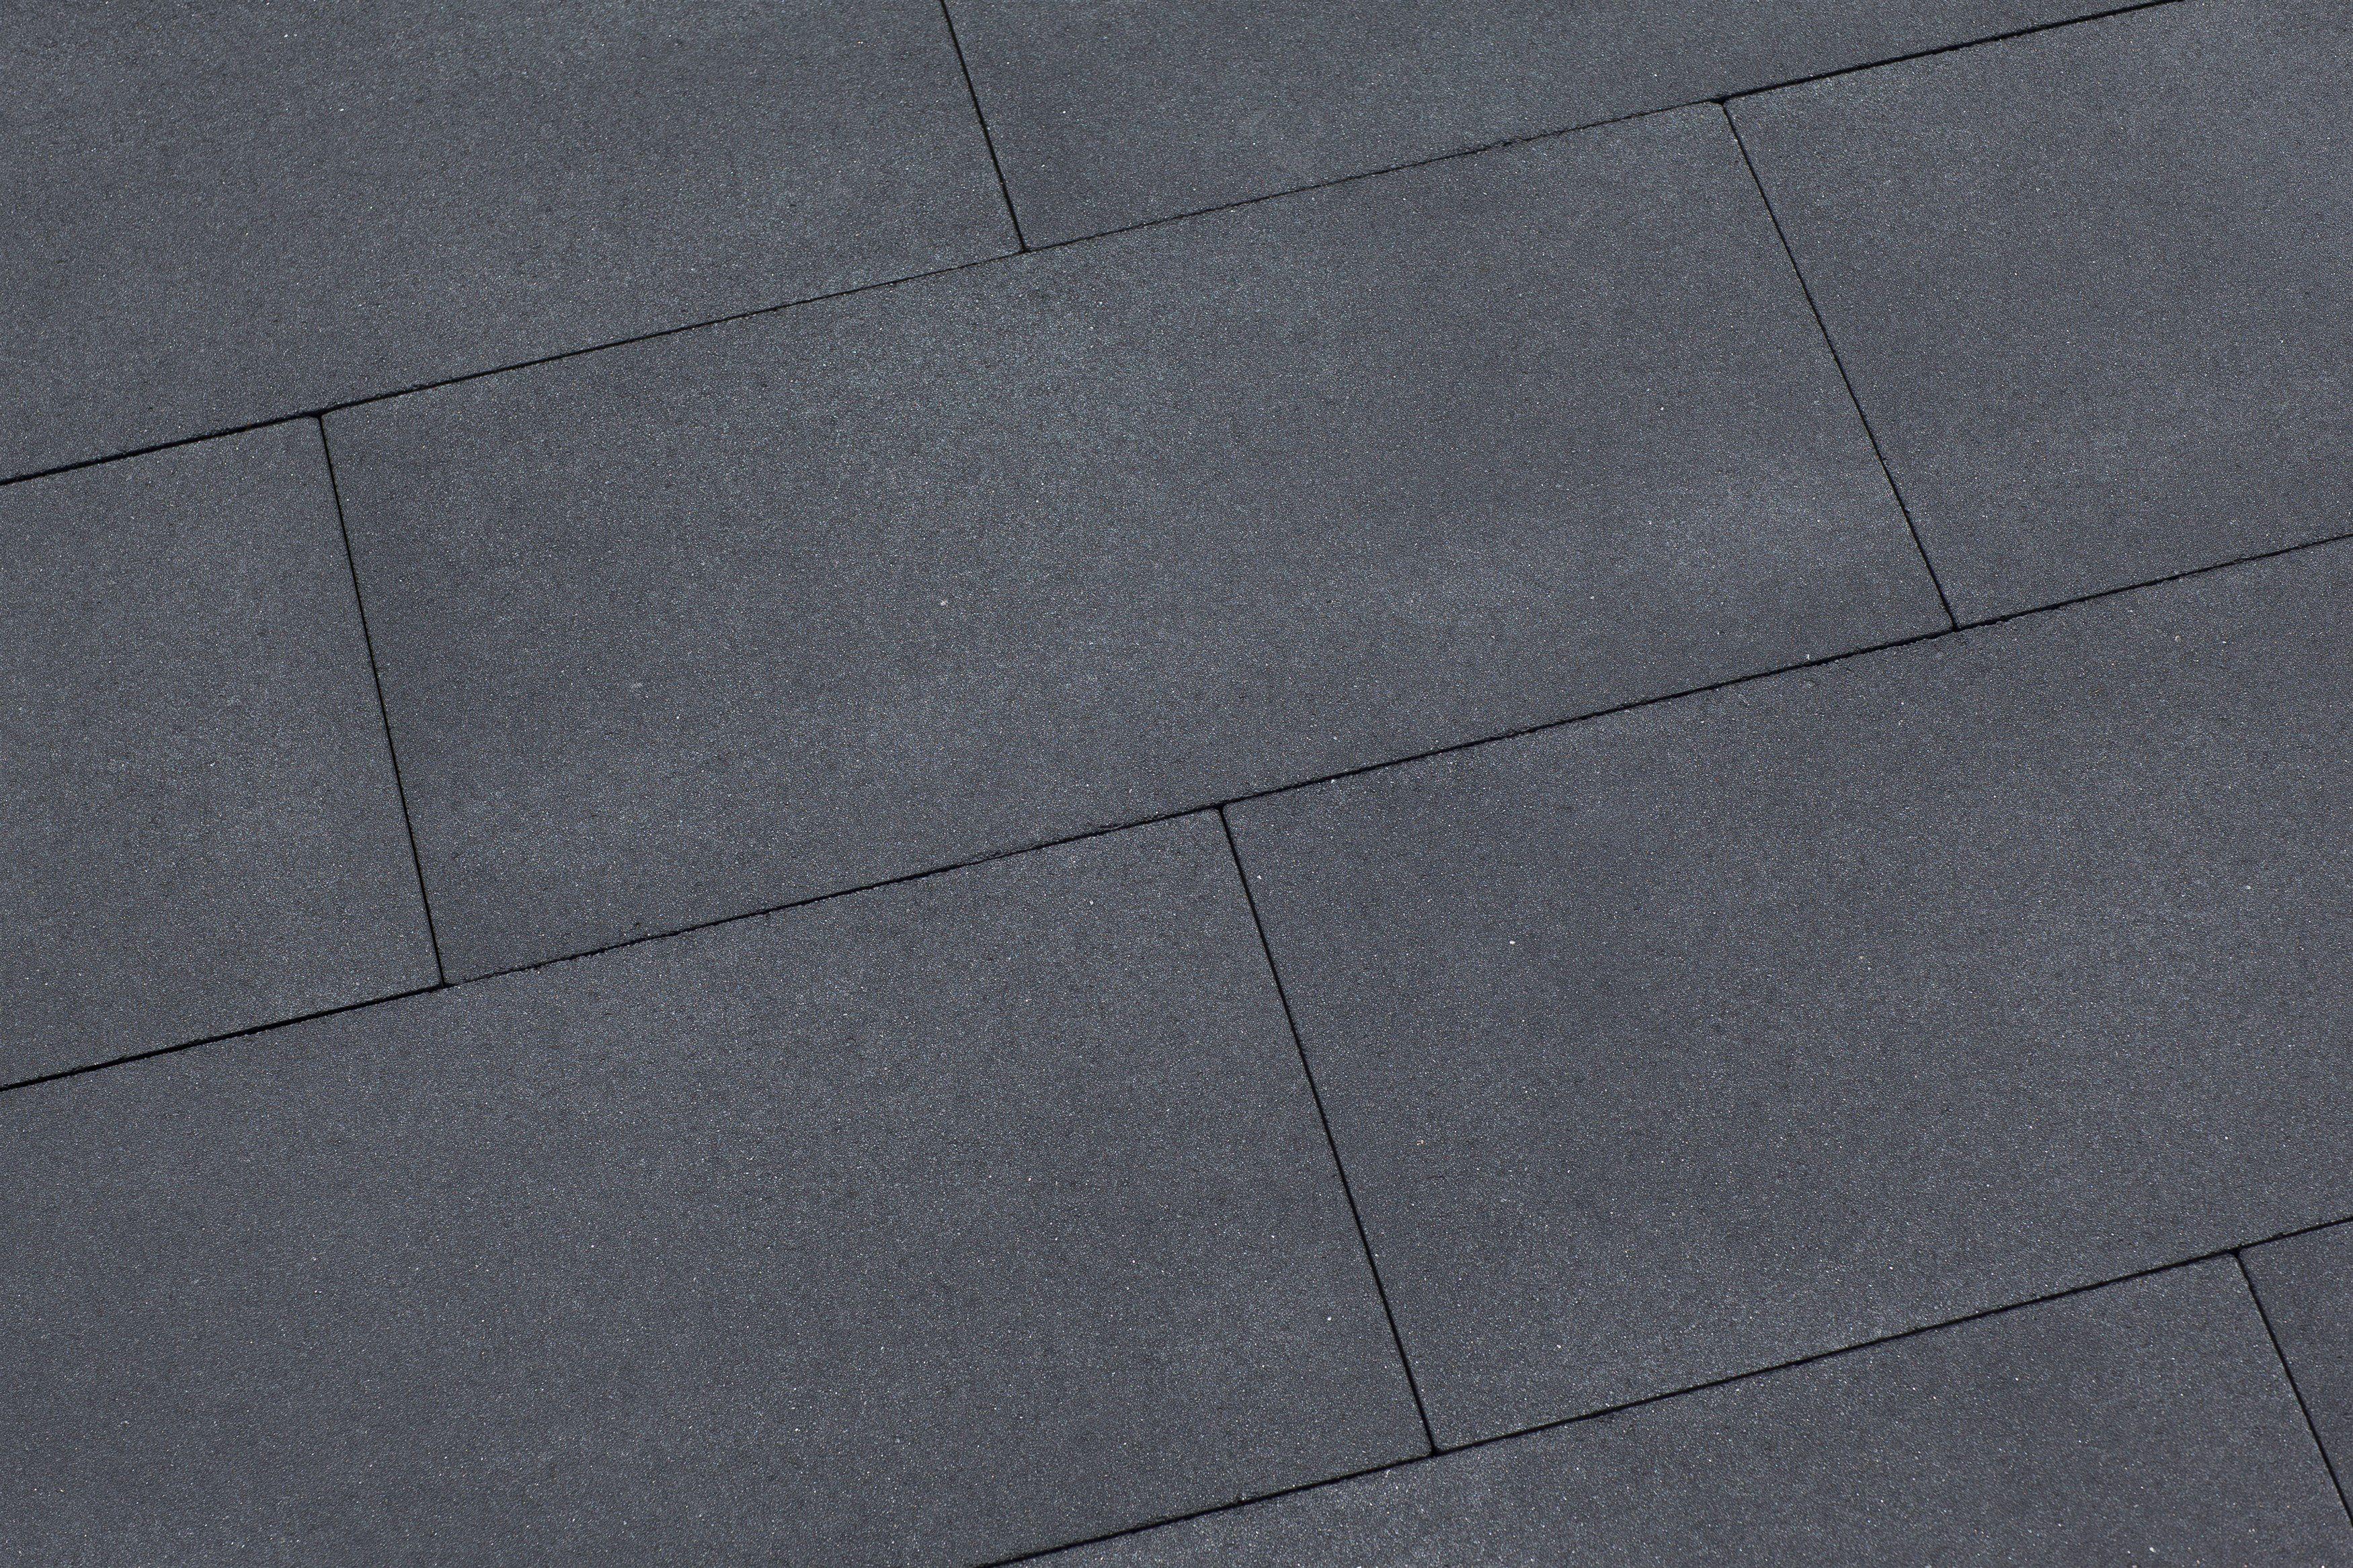 Tuintegels 60 Bij 40.Geostretto Plus Milano Terrastegel 60 X 60 X 4 Cm Per 2 Tegels